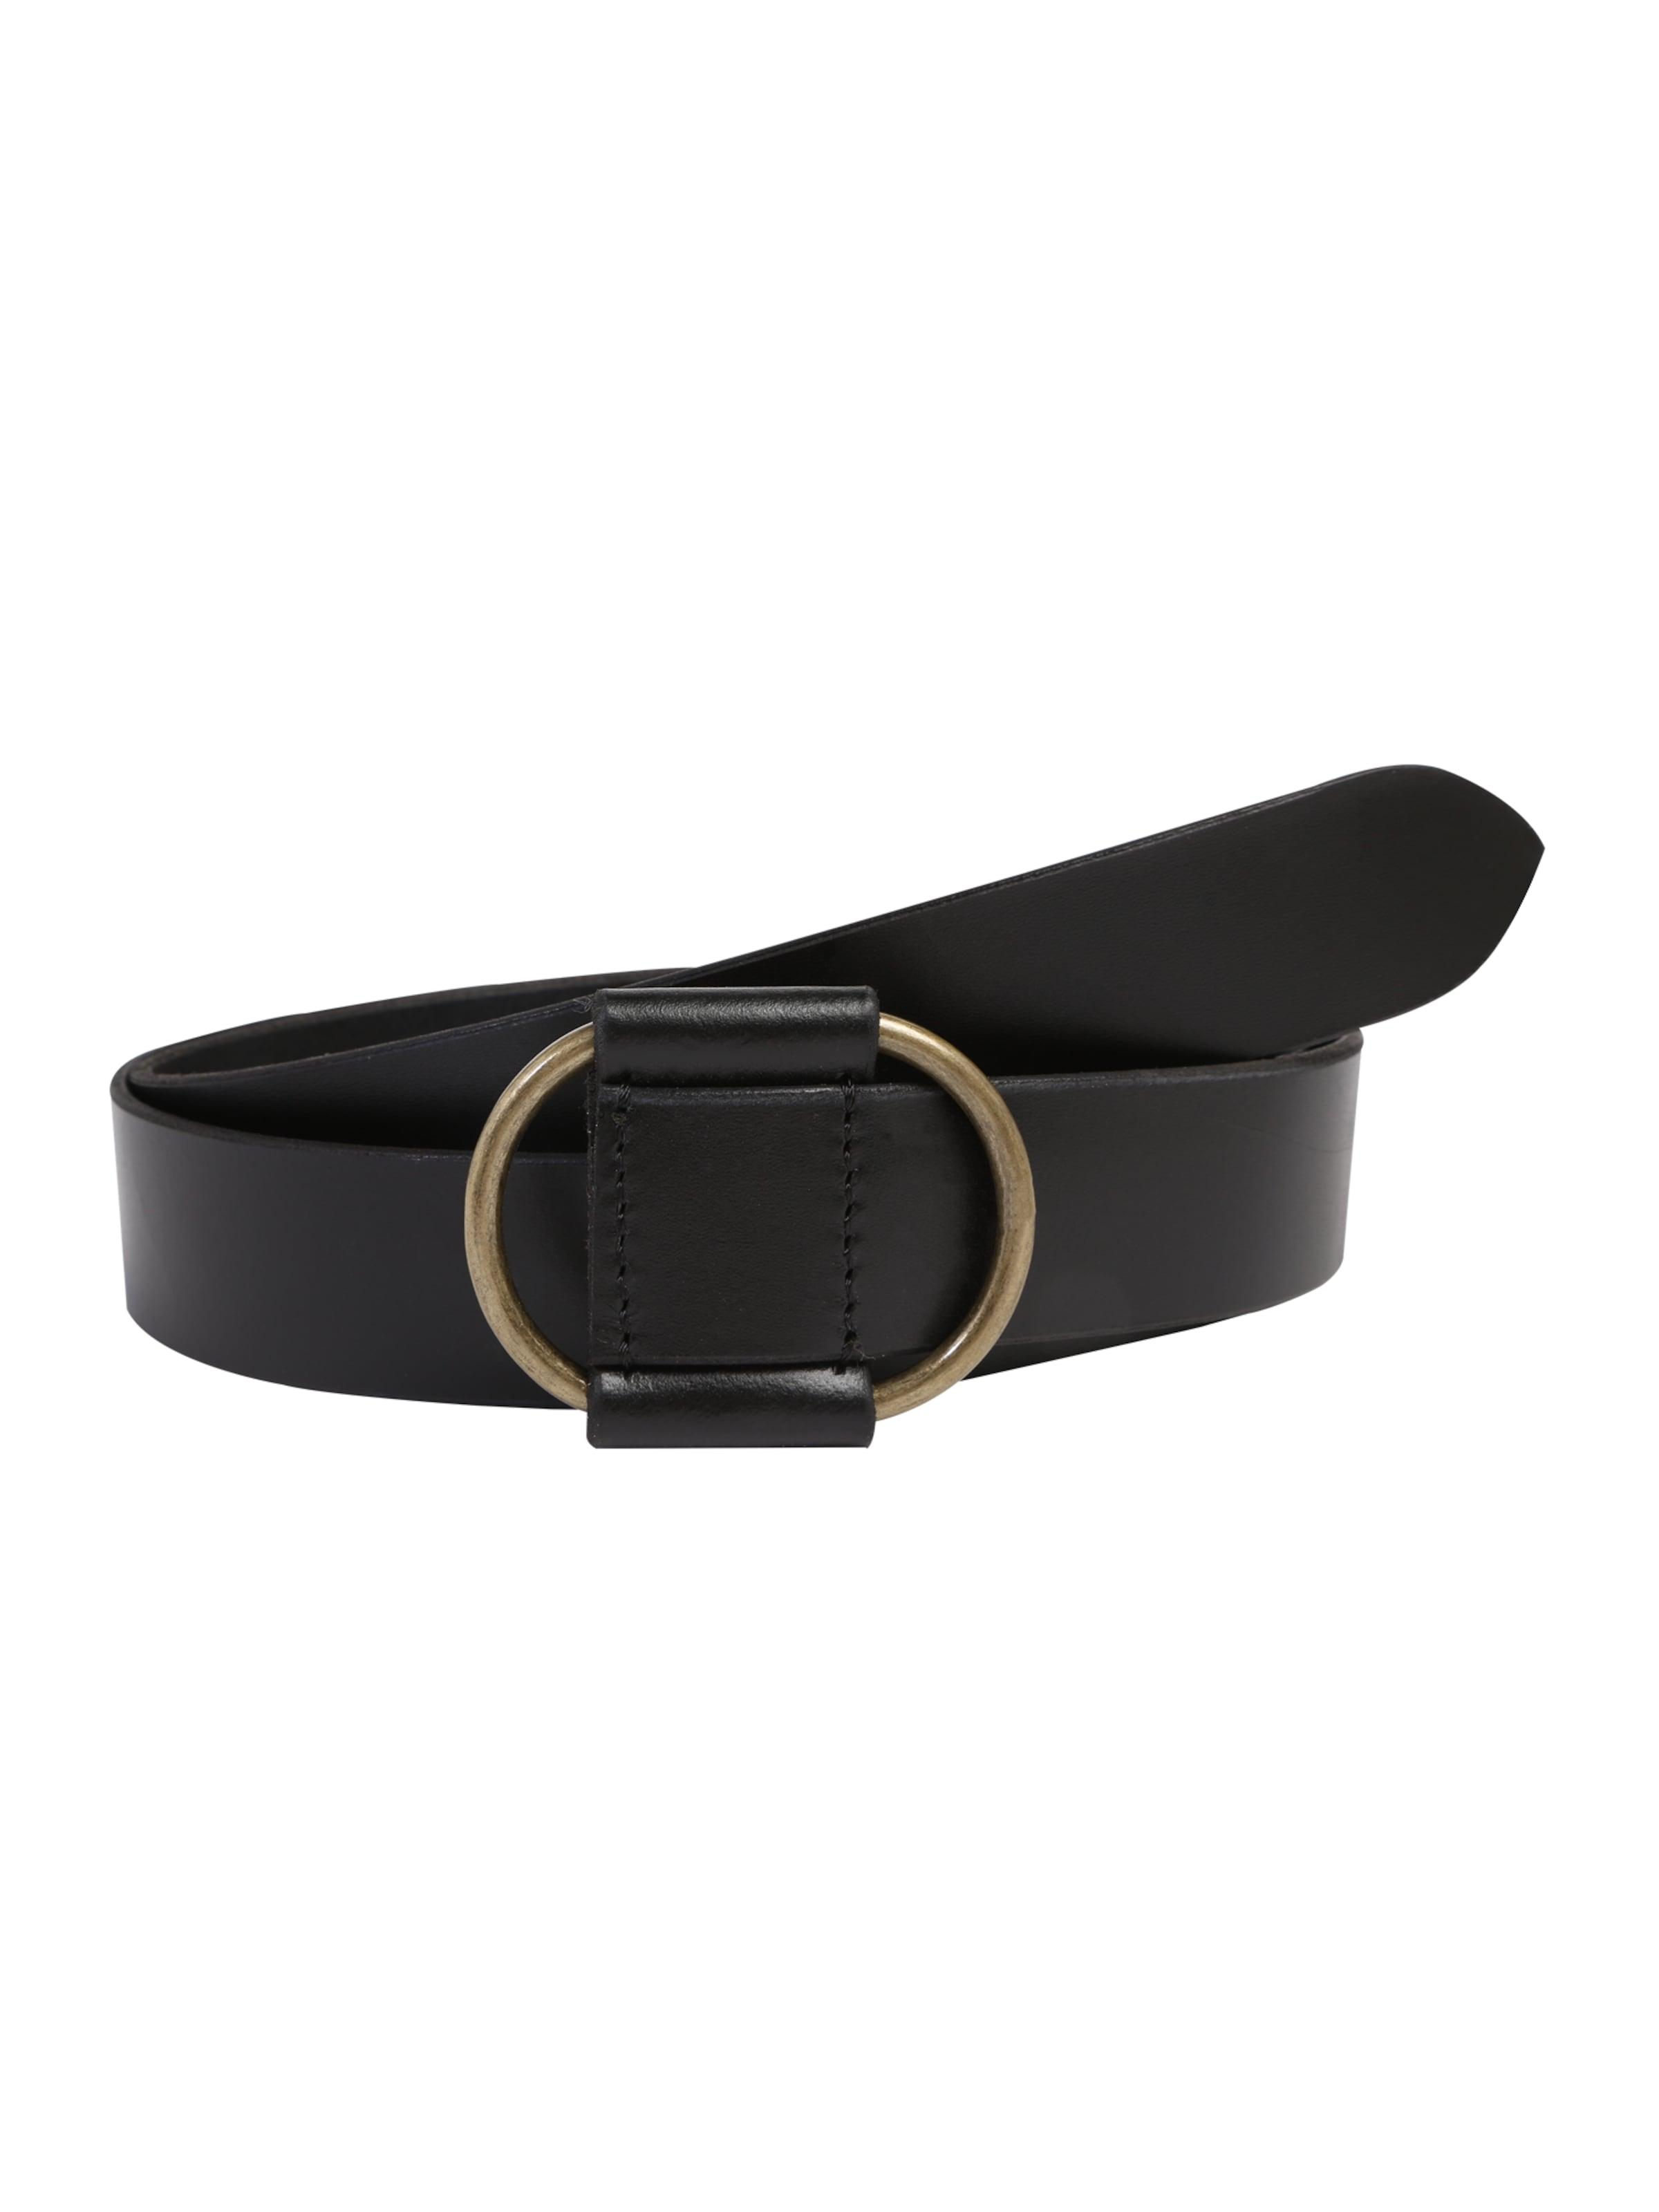 Kac' En 'leather Cognac Ceinture Belt Jeans Pieces SUVGqzMpjL